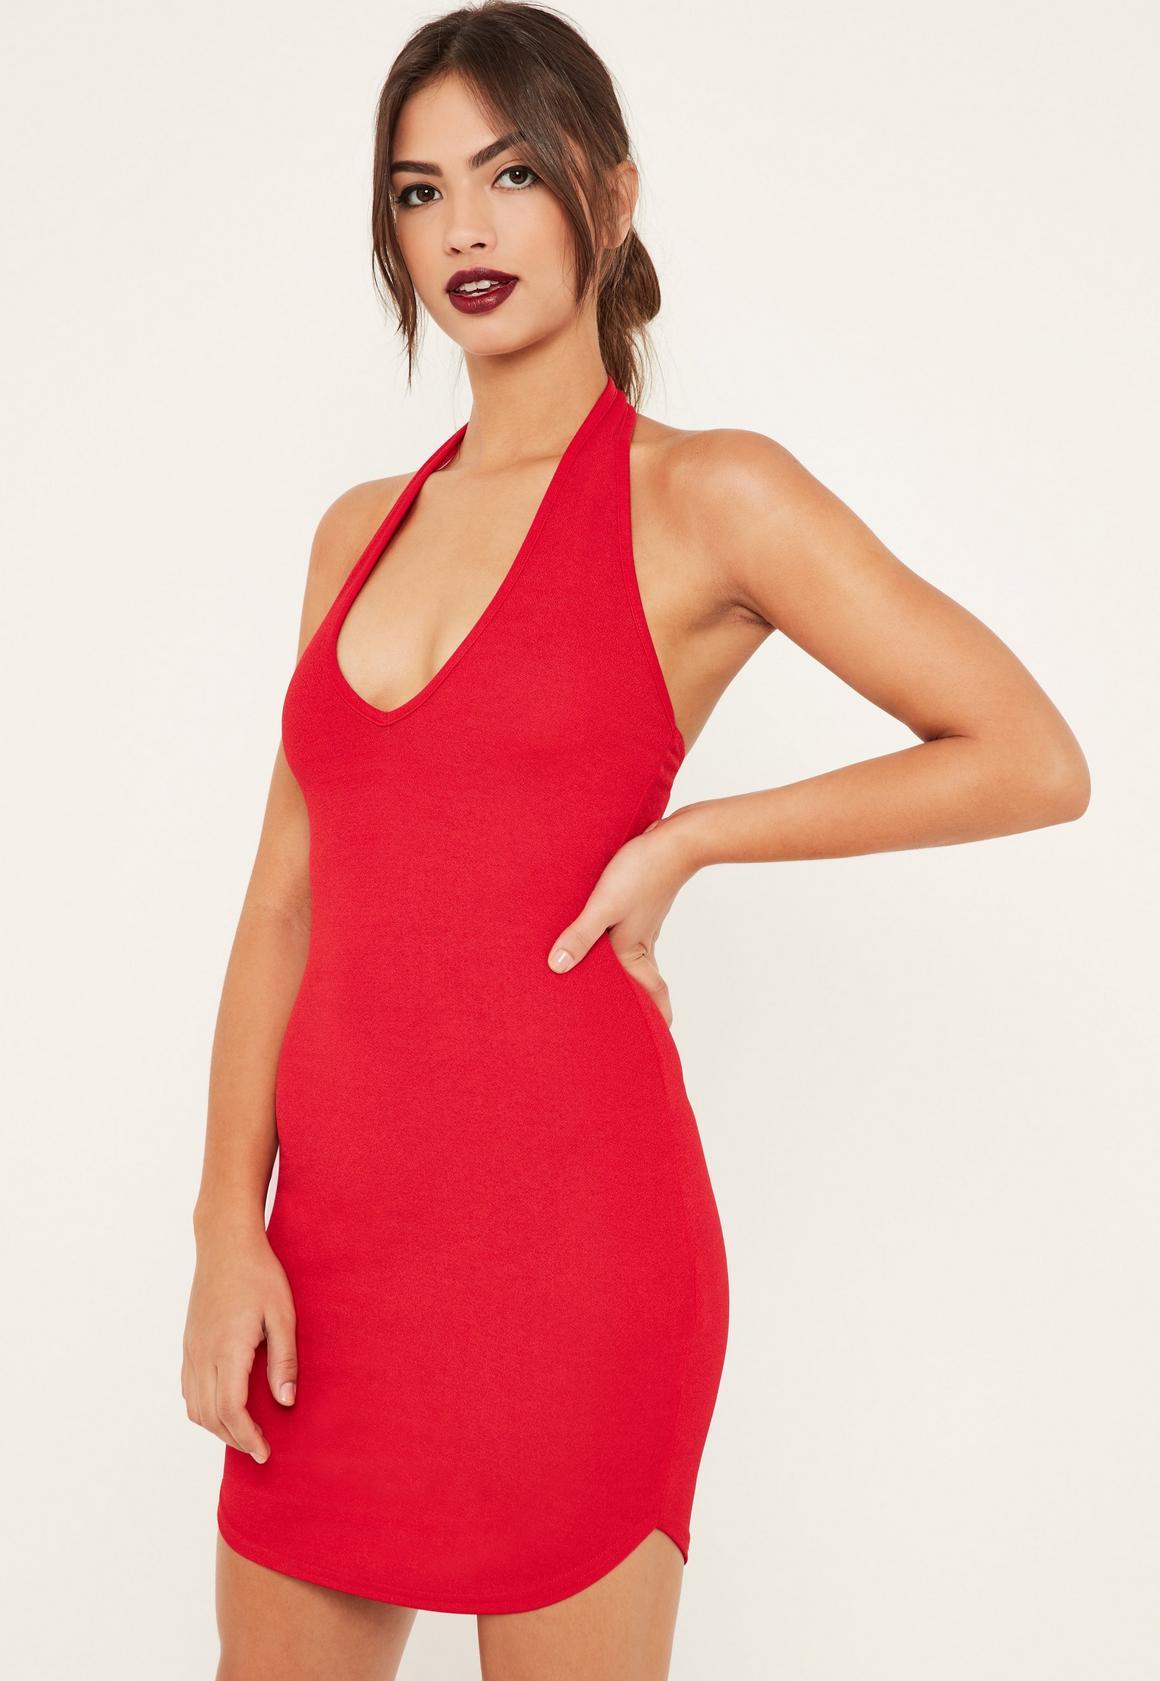 Halterneck Dresses, Halter Neck Dress Online - Missguided